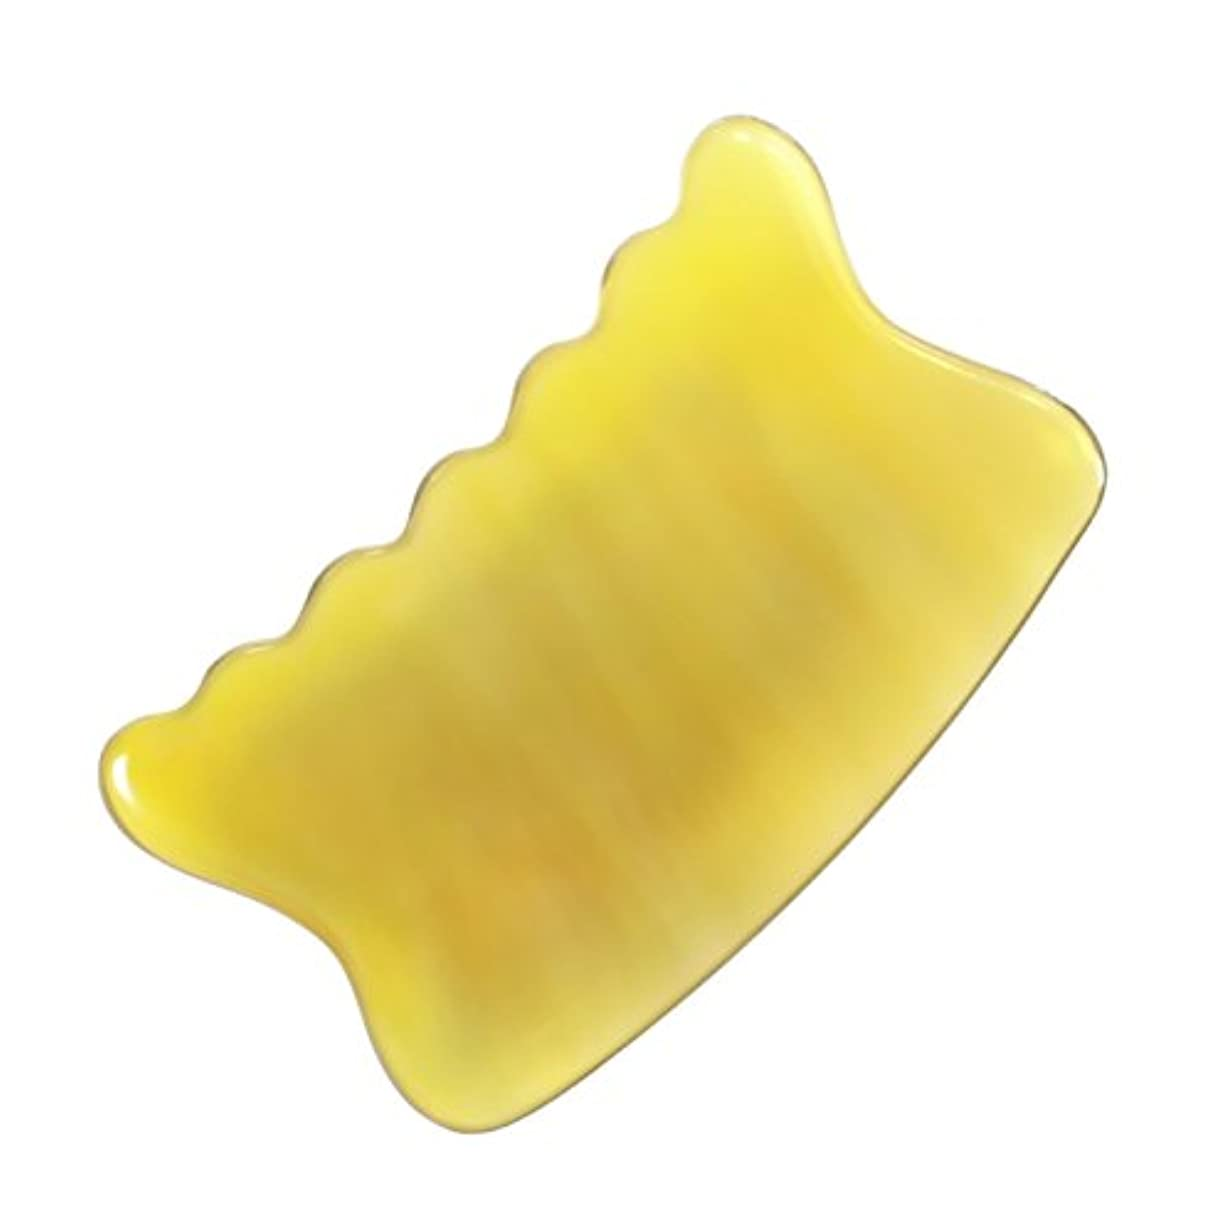 バット傷跡十二かっさ プレート 希少68 黄水牛角 極美品 曲波型